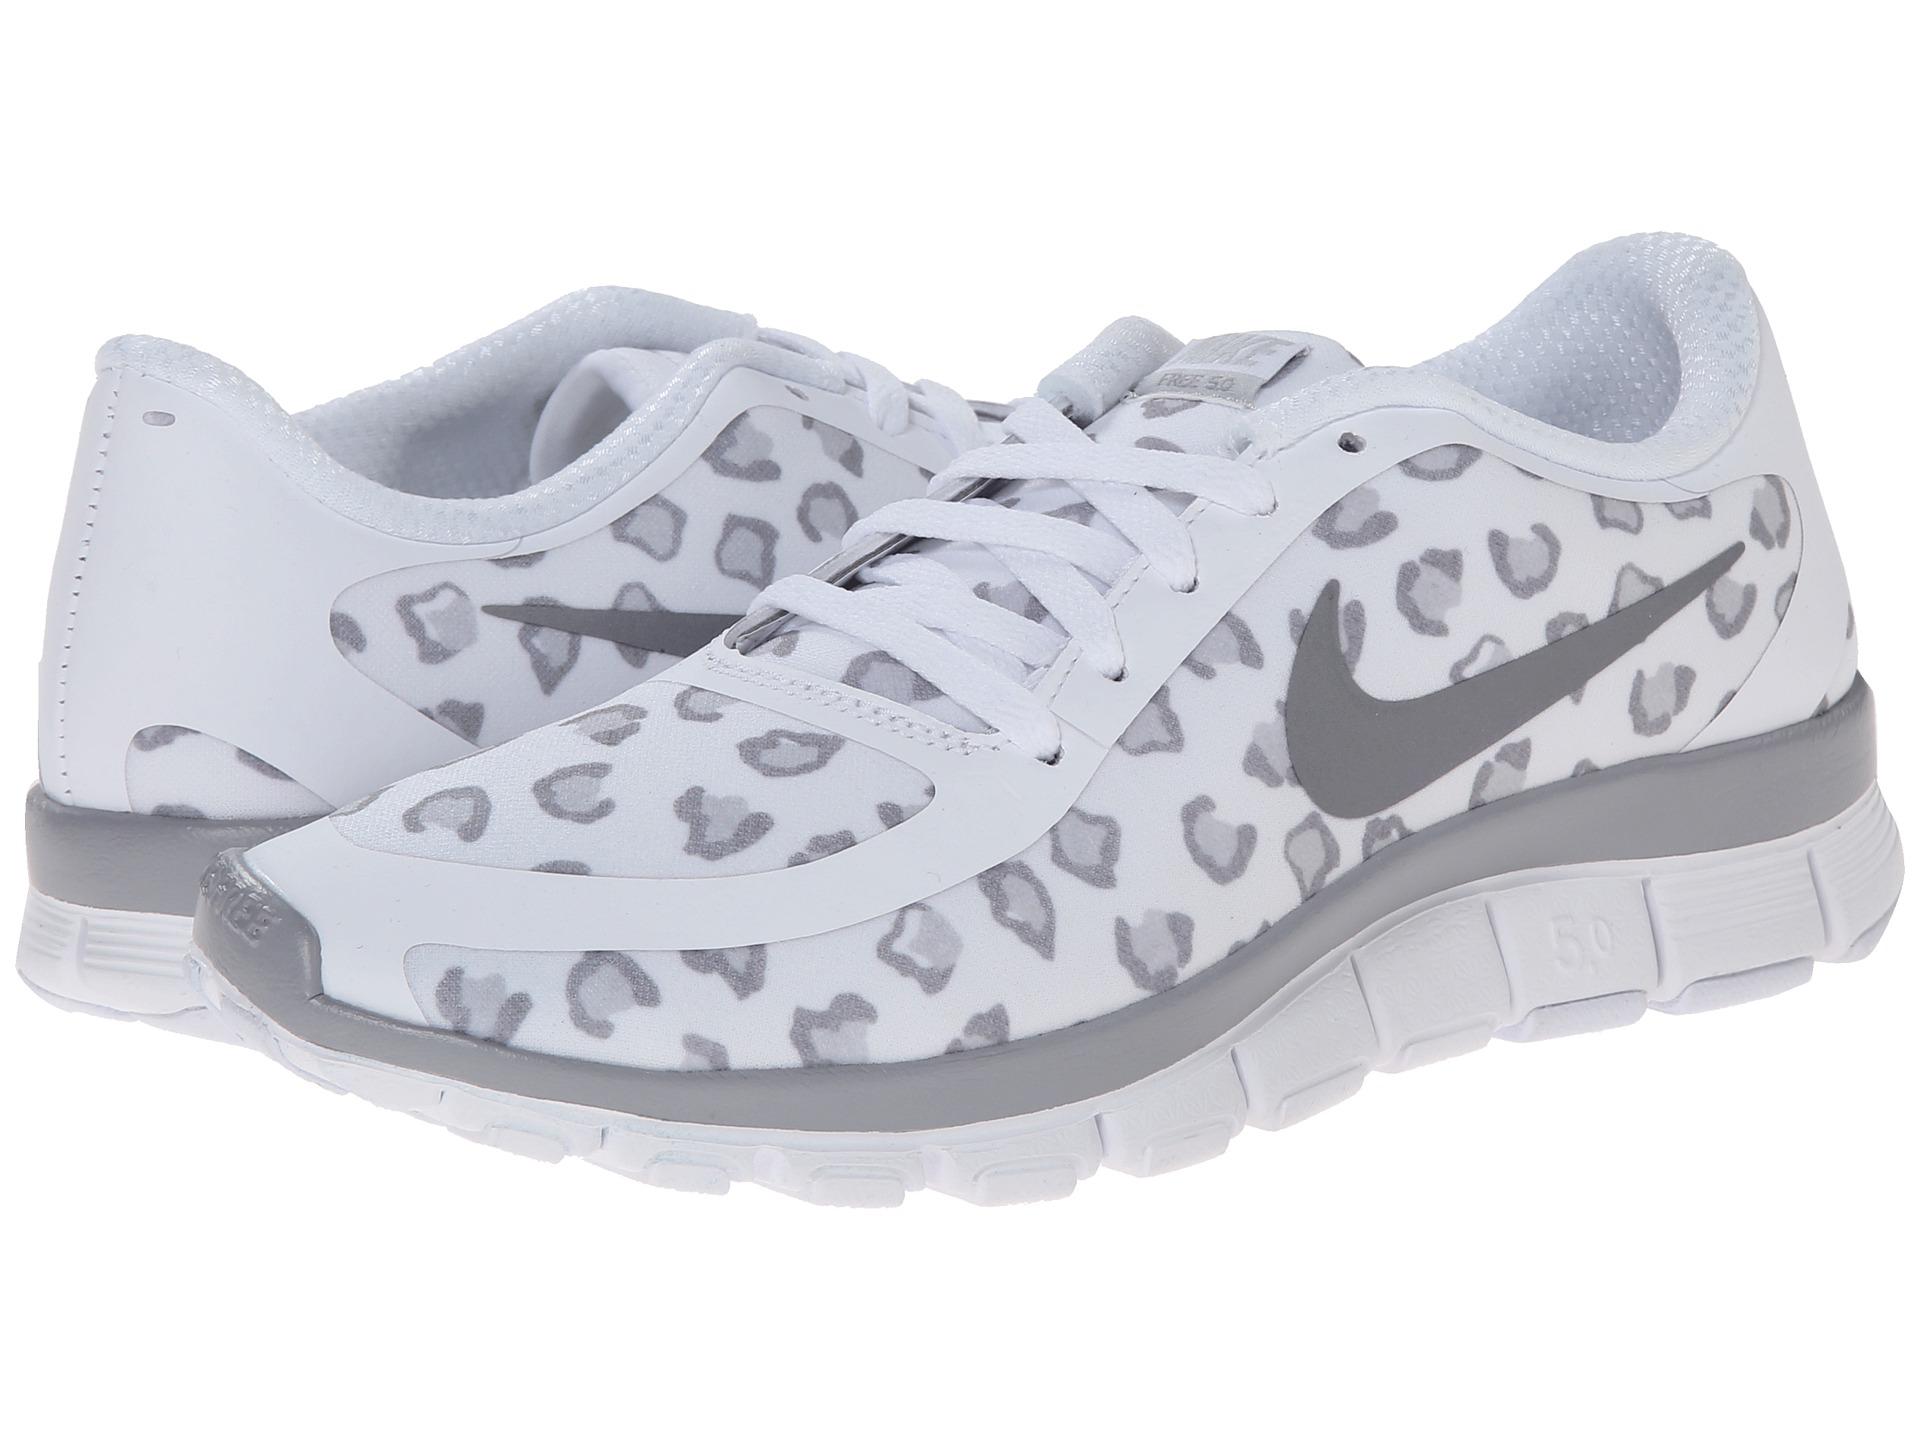 Nike Free 5.0 V4 Gray Volt White